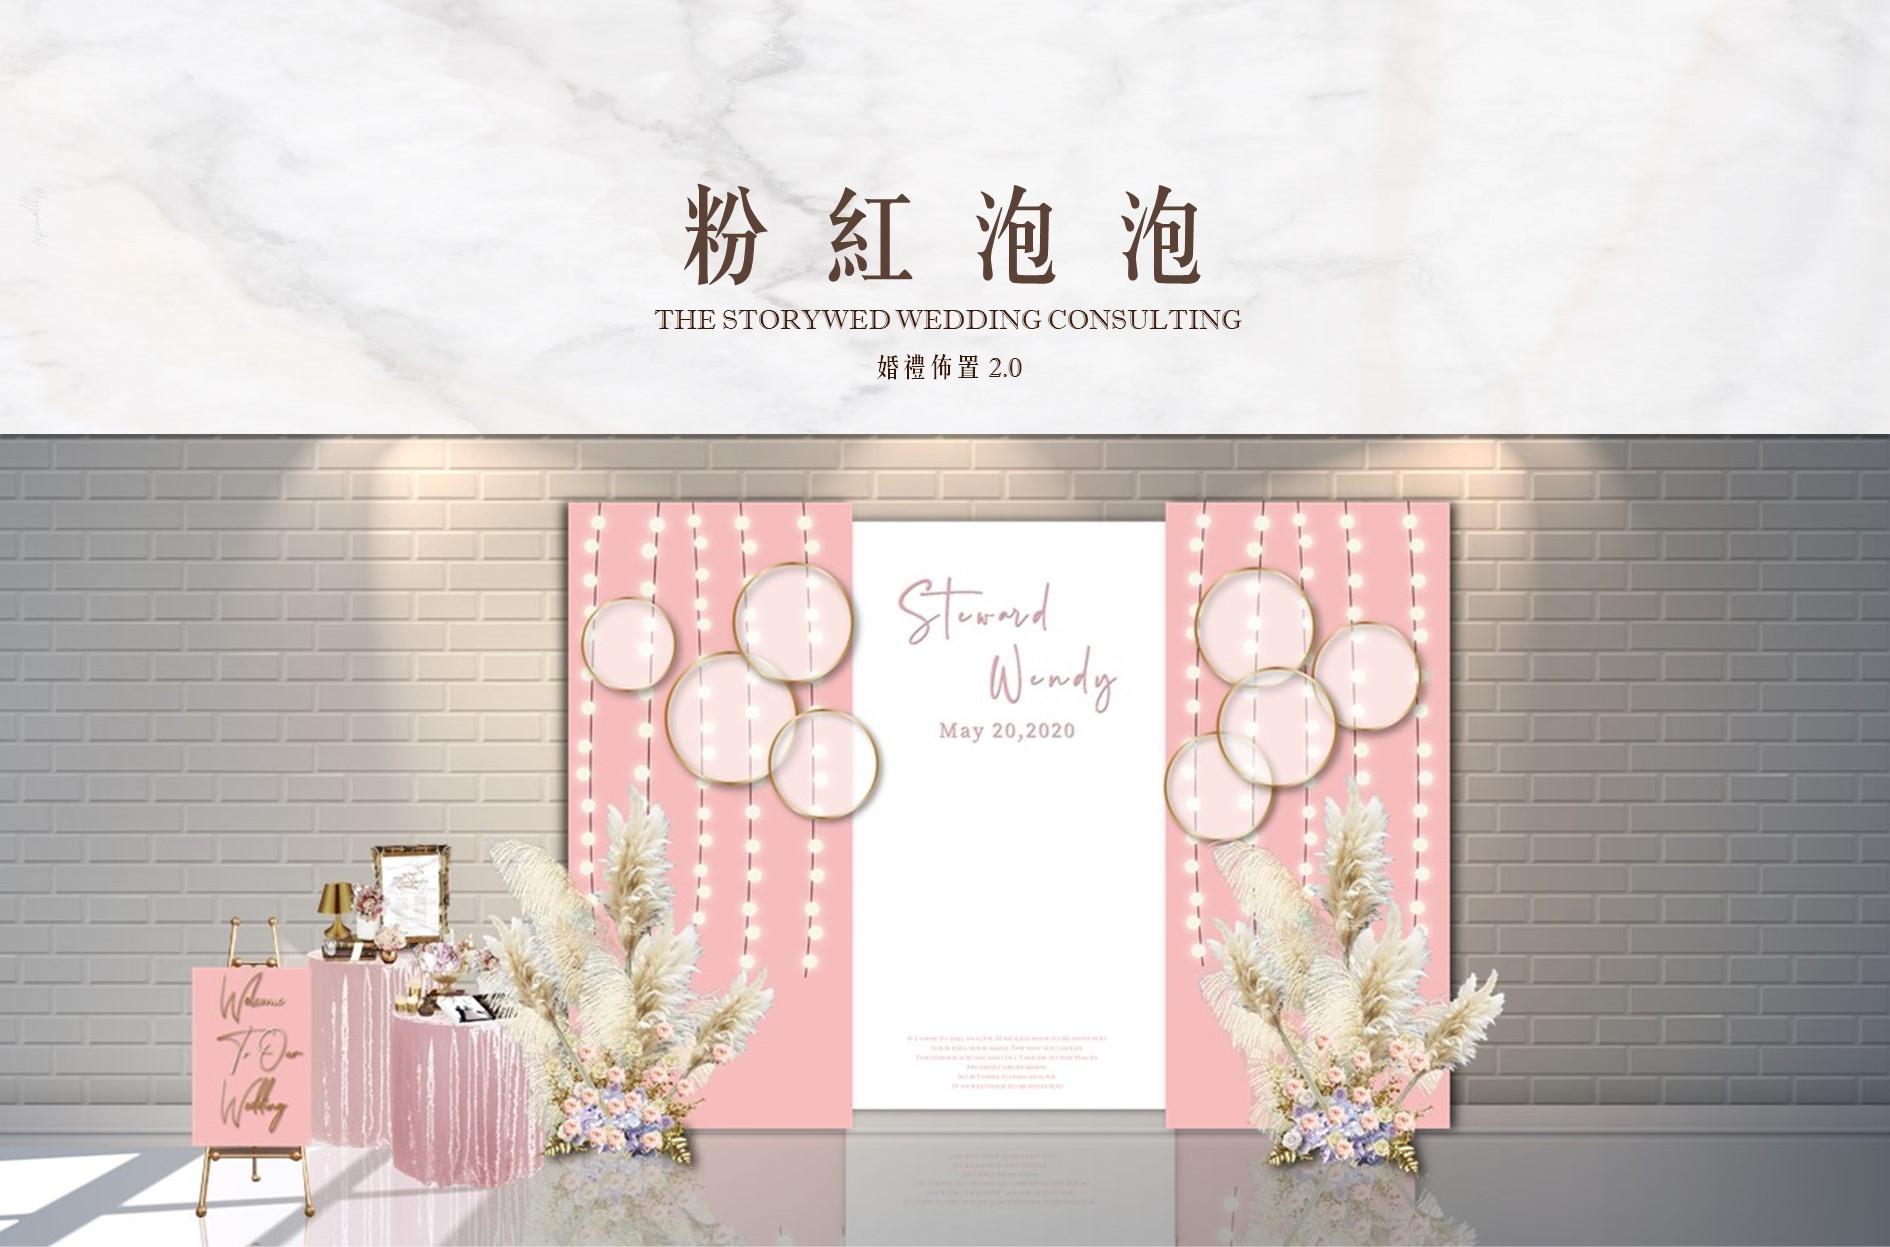 〖婚禮佈置2.0〗粉紅泡泡